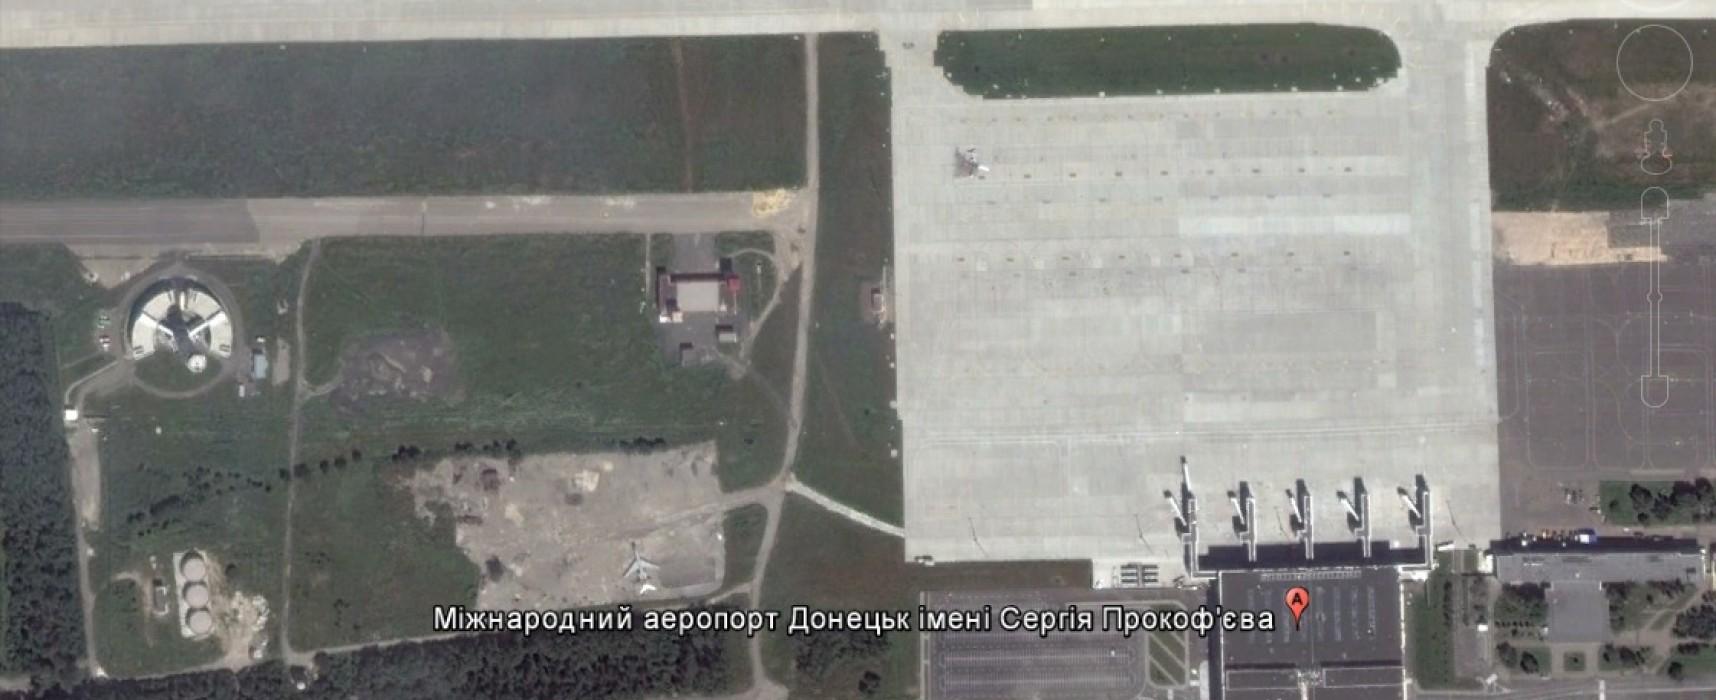 Где искать исторические спутниковые снимки